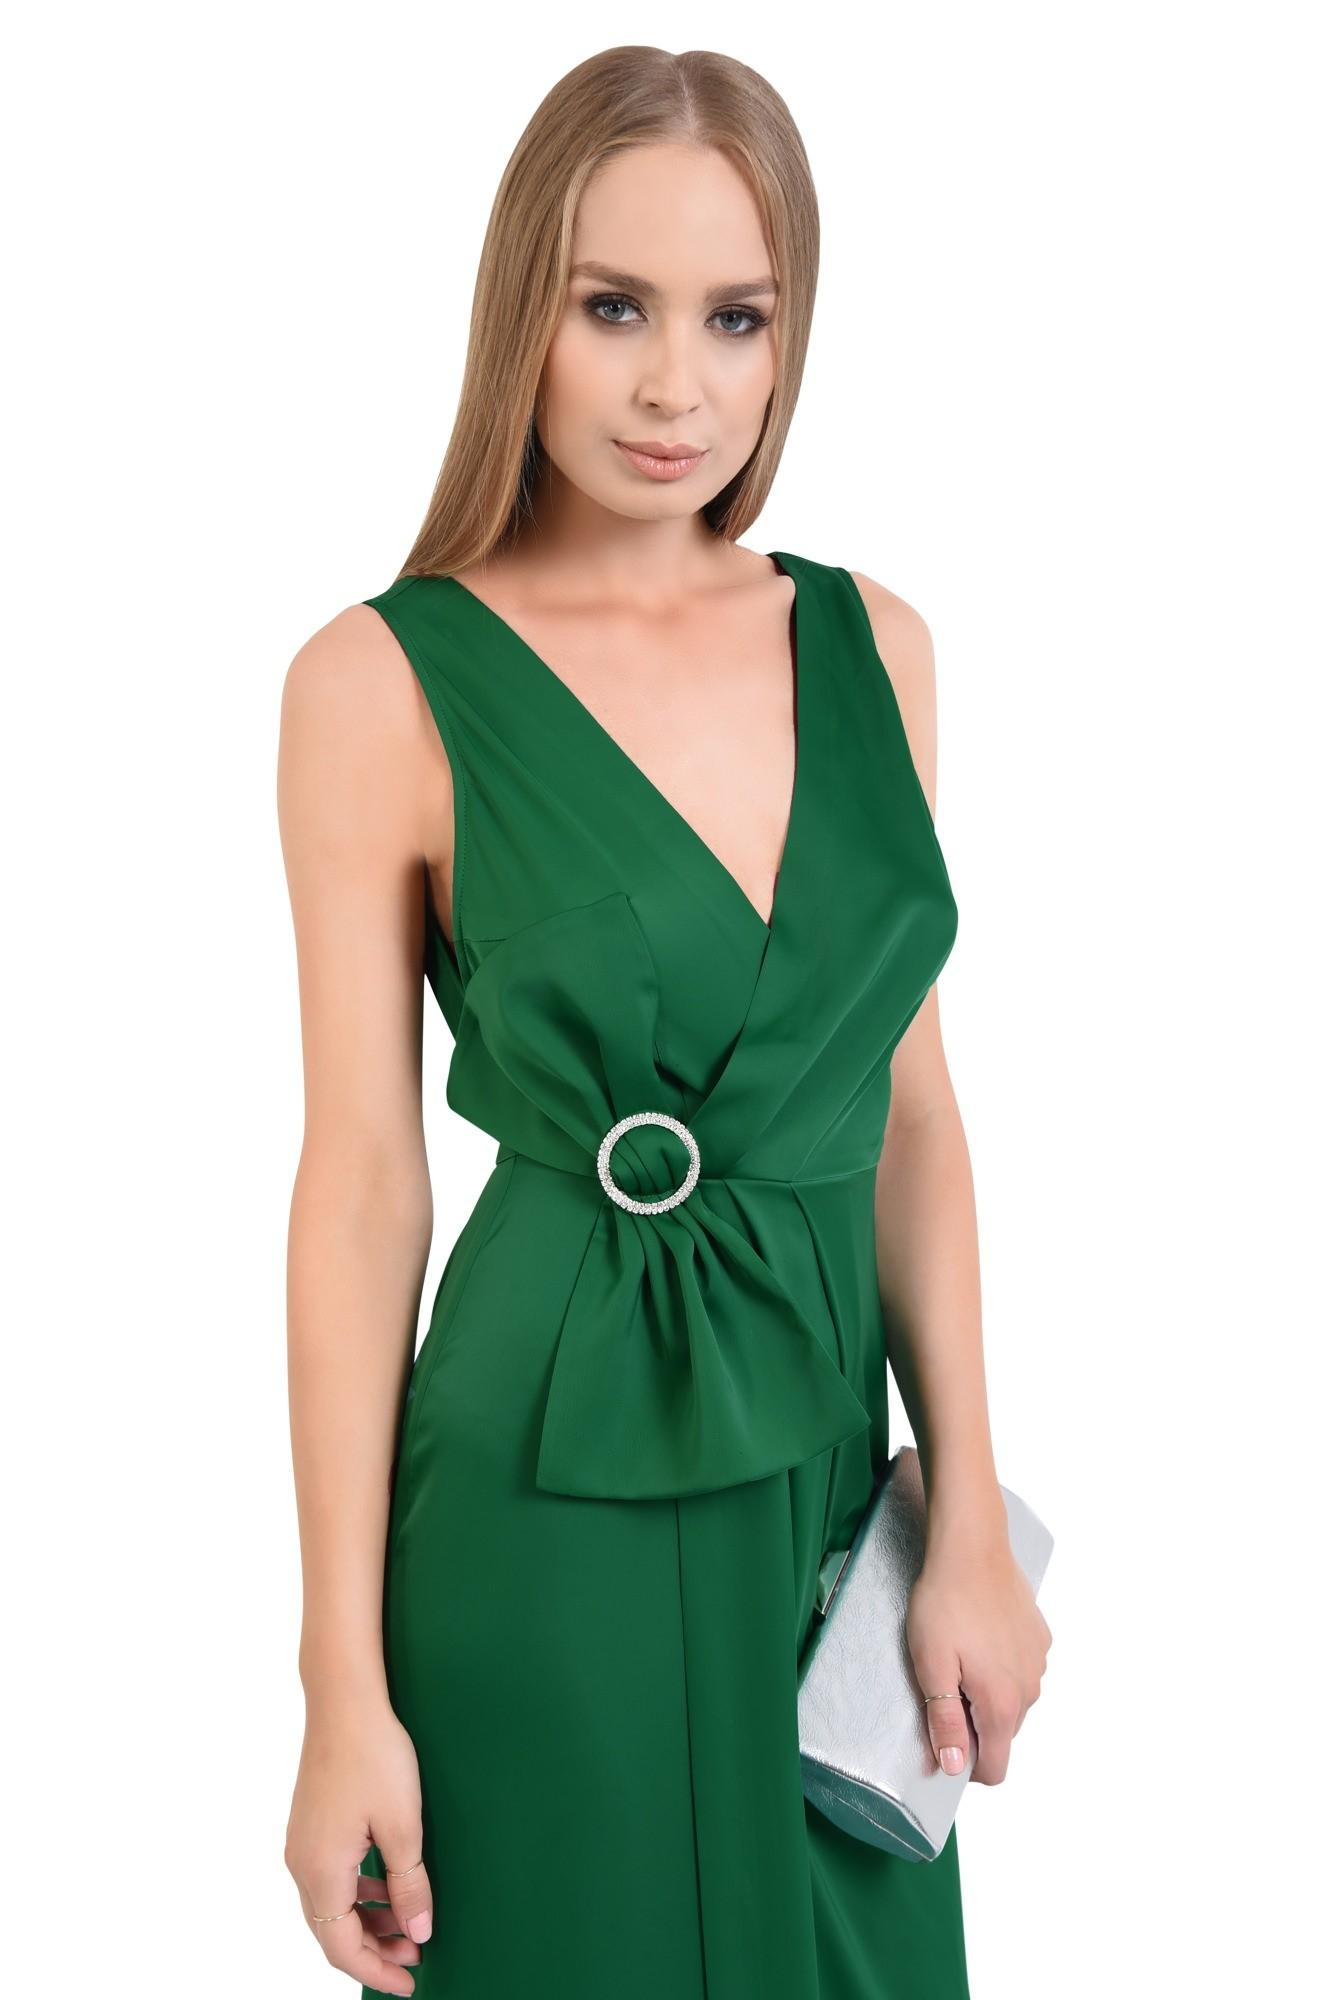 0 - rochie de ocazie, verde, satin, parte peste parte, funda supradimensionata